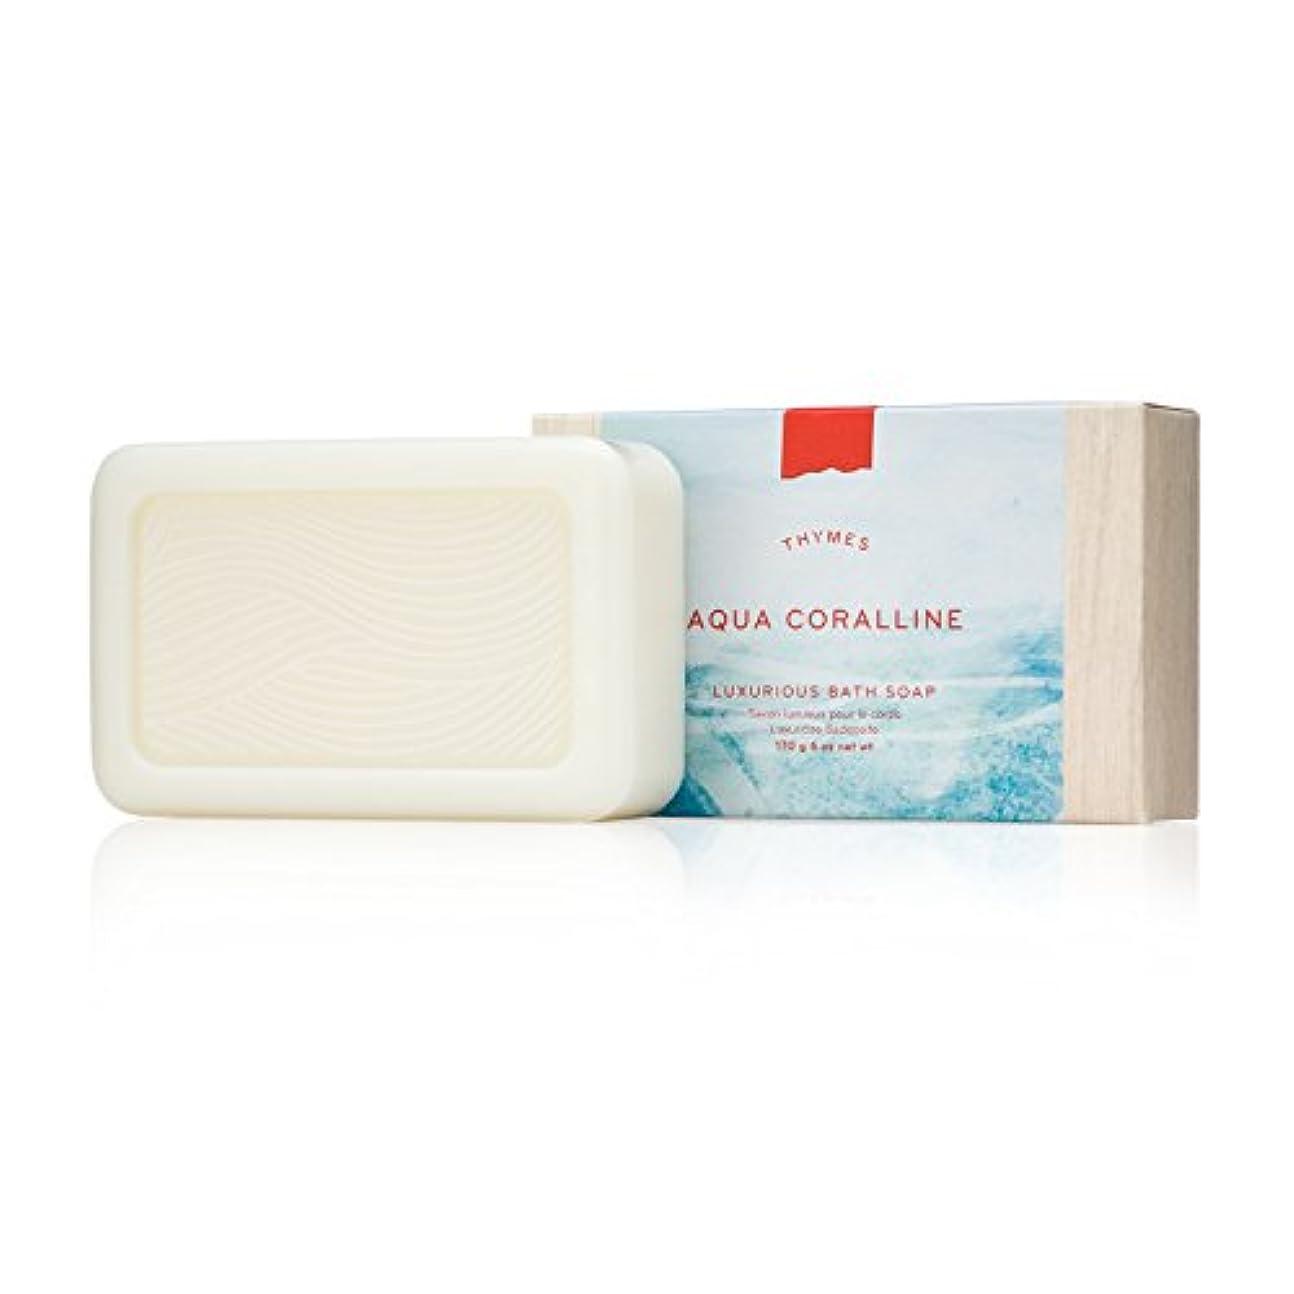 冷酷なベスト反発タイムズ Aqua Coralline Luxurious Bath Soap 170g/6oz並行輸入品